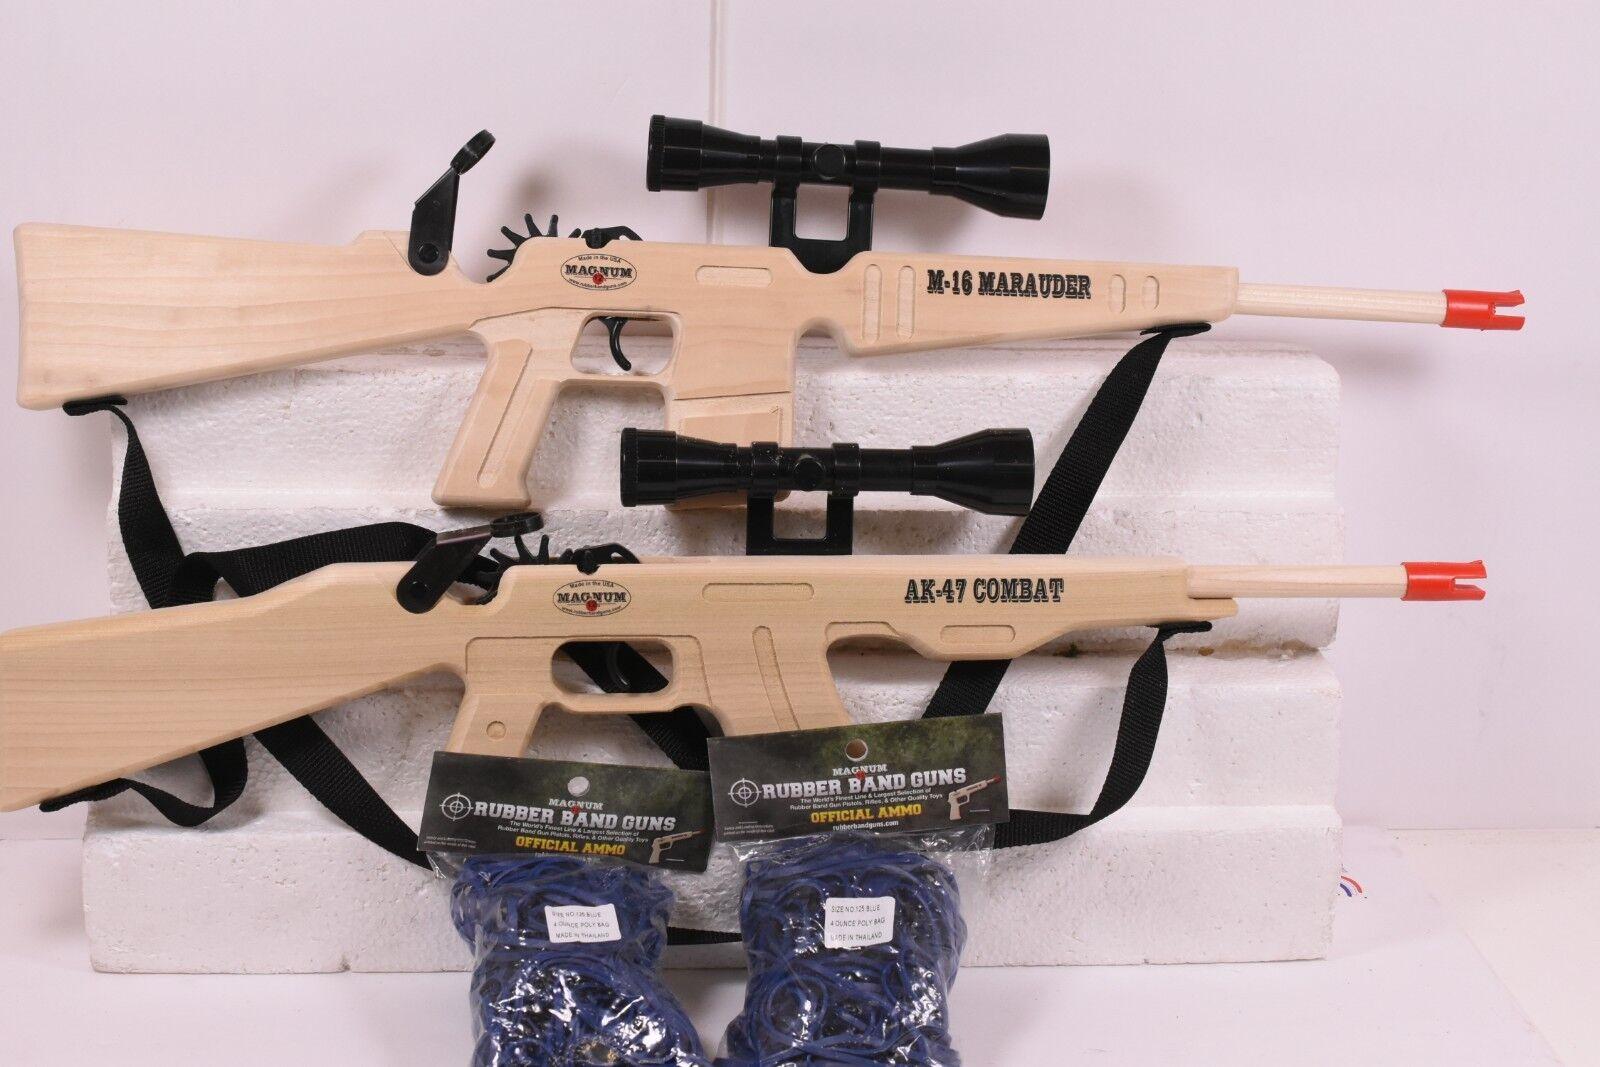 Magnum Rubber Gun gl2ak47ss gl2ak47ss gl2ak47ss gl2m16mss AK - 47 vs M - 16 combo plus ammmo 5f3